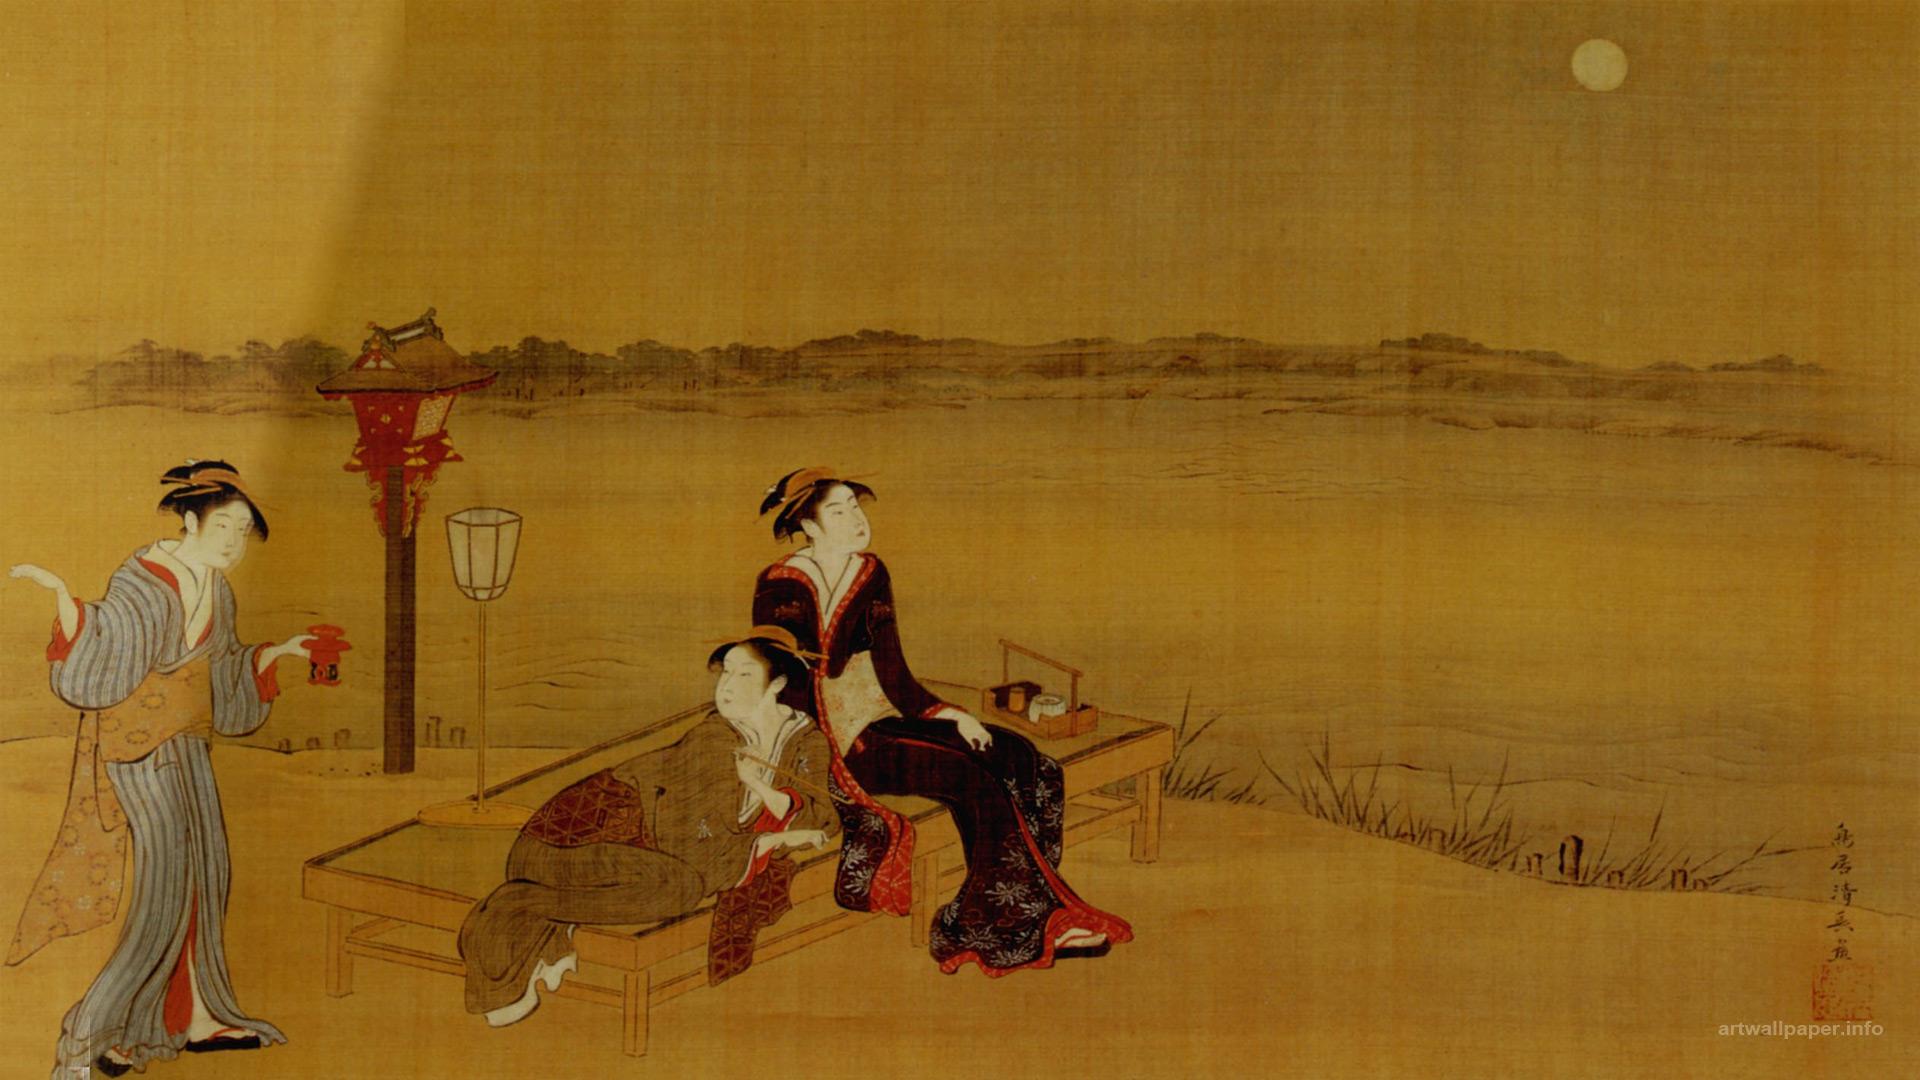 Japanese Art Wallpapers - WallpaperSafari